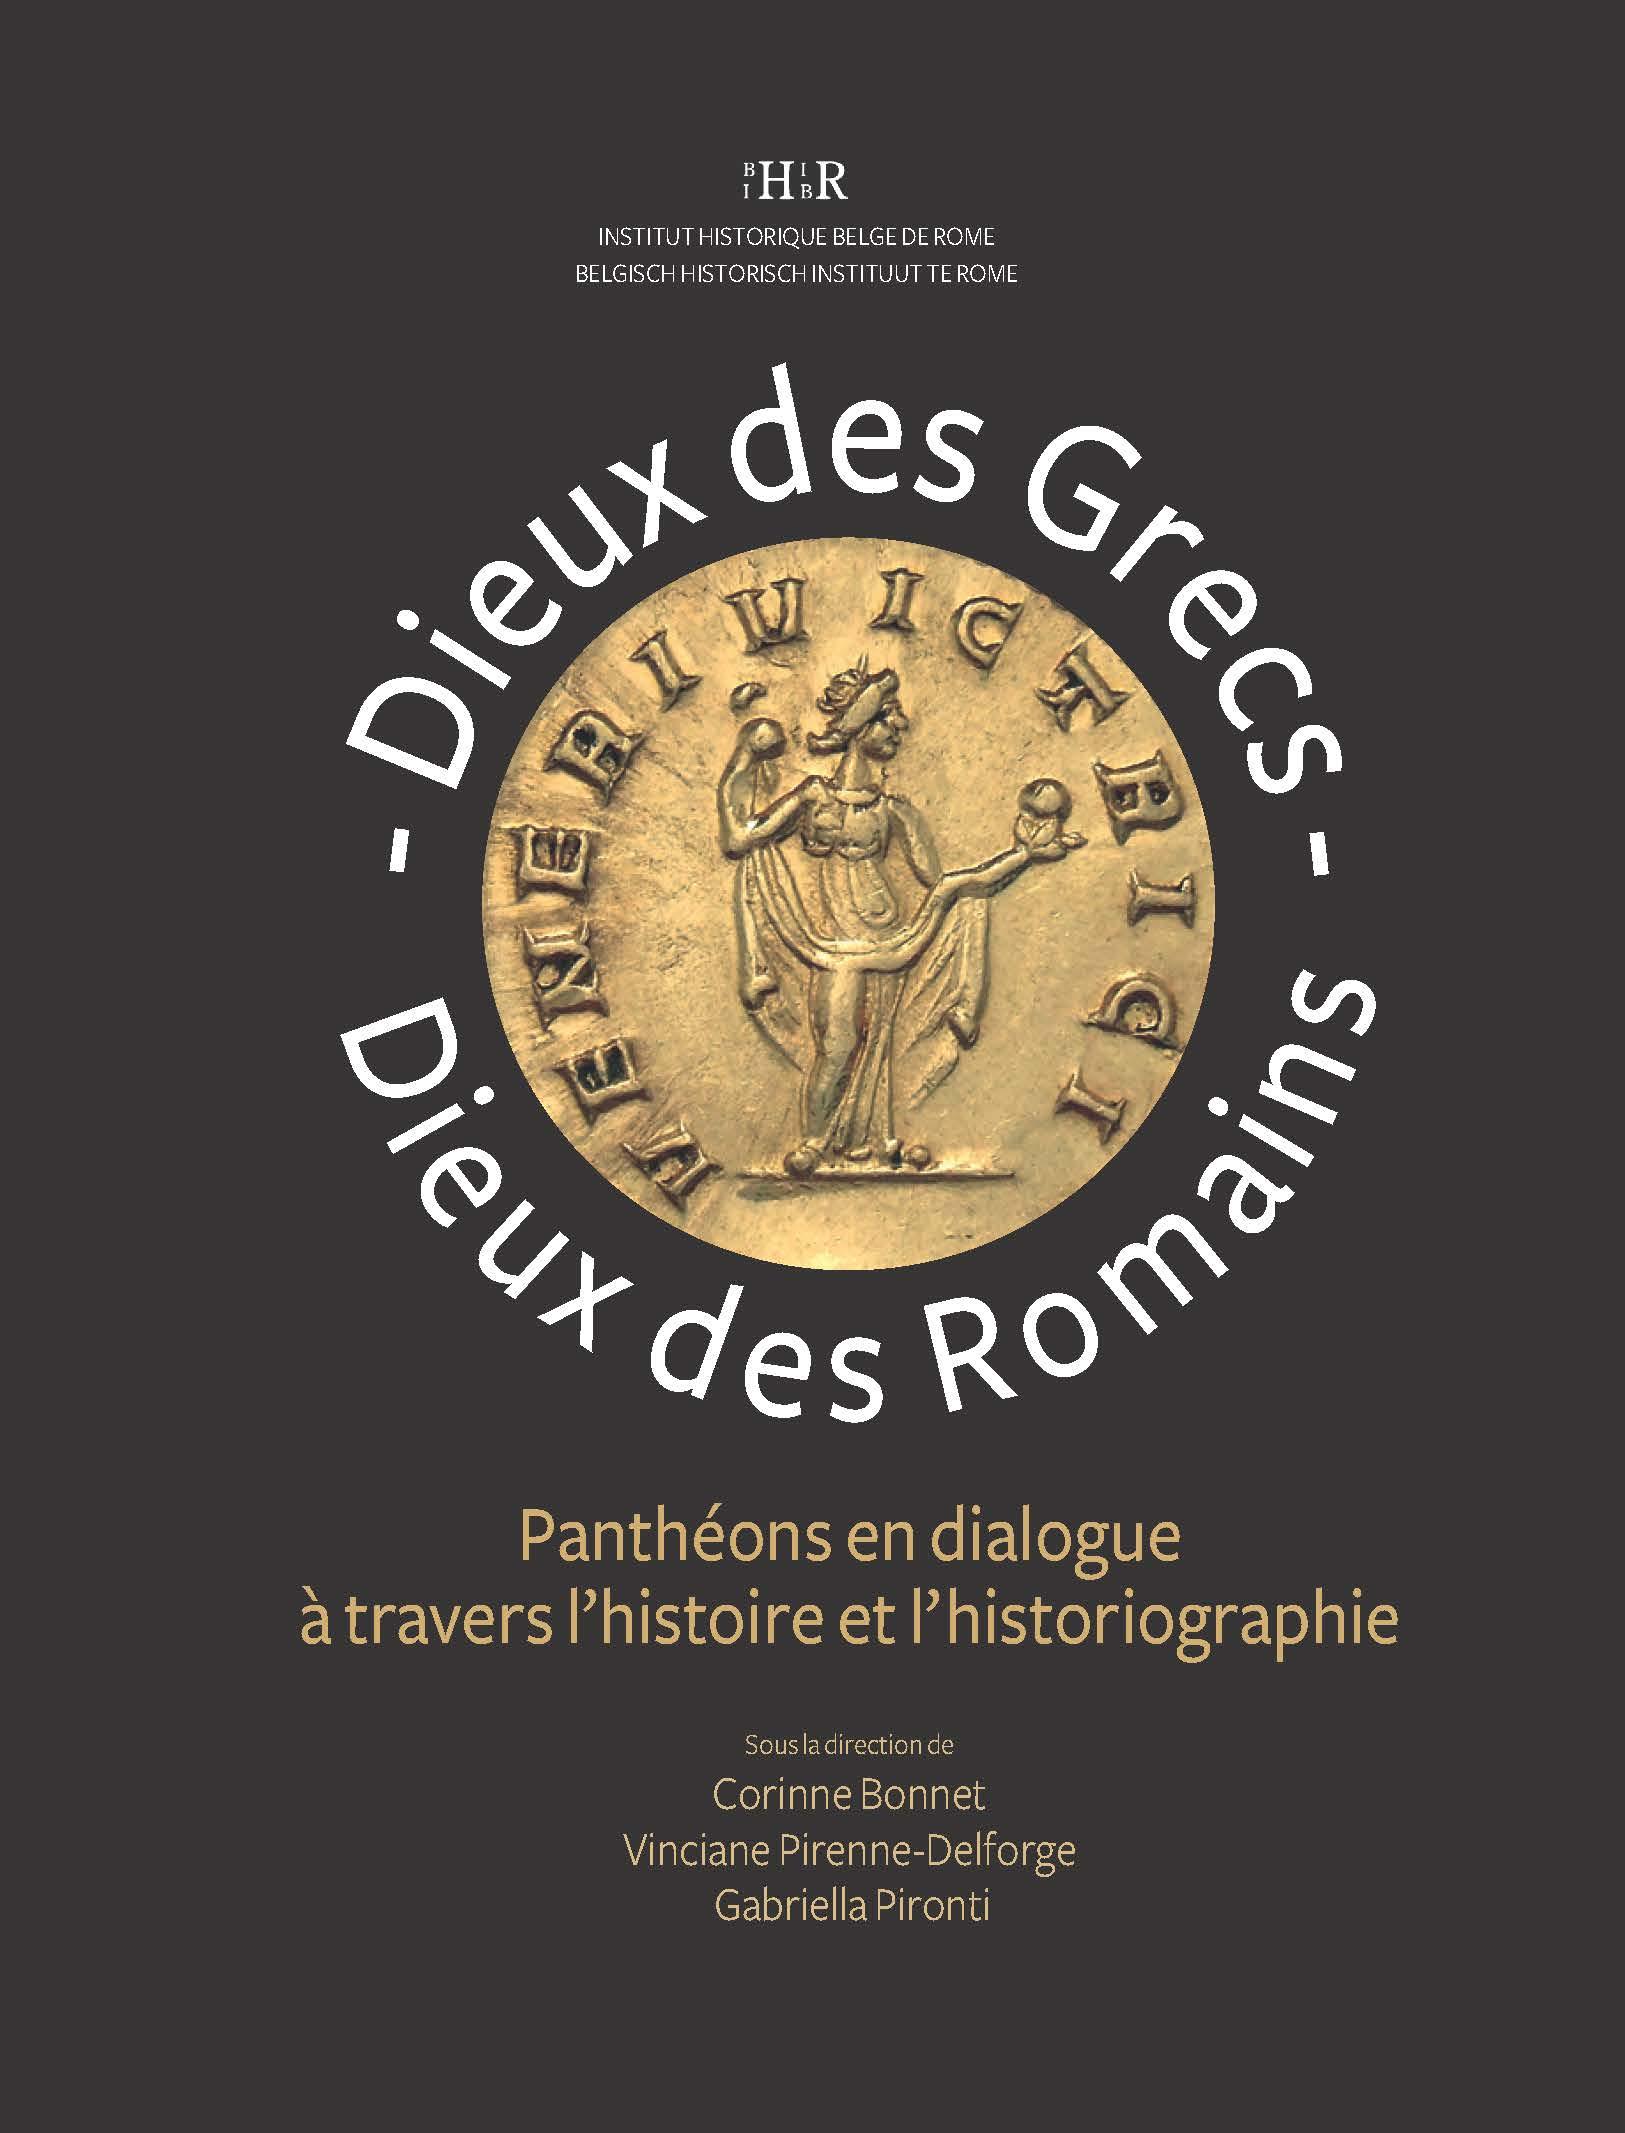 artes_dieux_des_grecs-dieux_des_romains.jpg